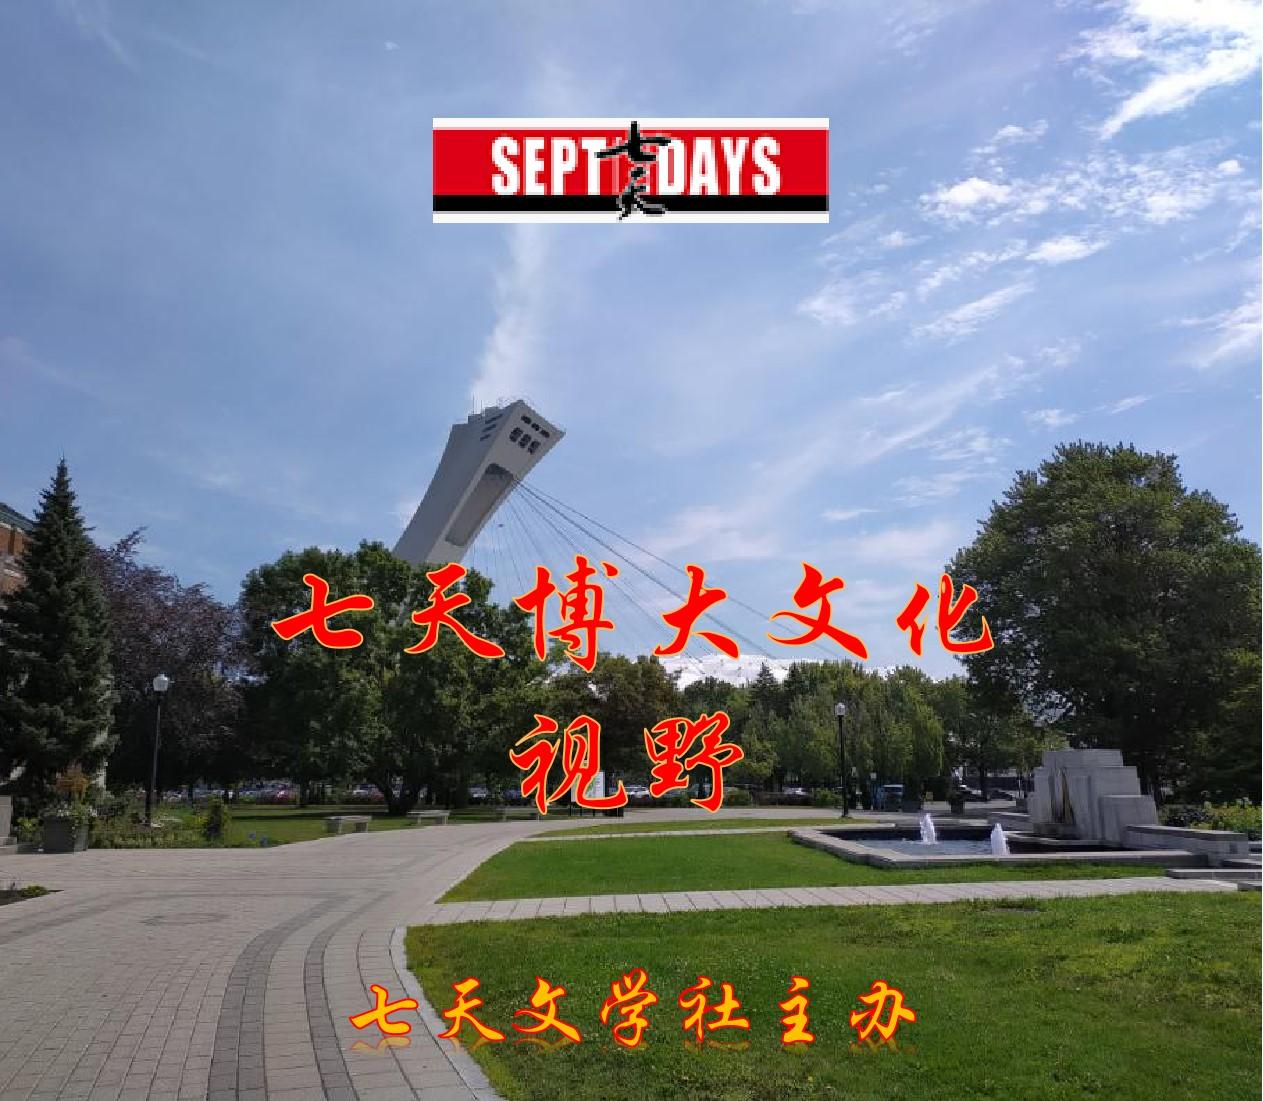 七天博大文化视野特辑(8月27日)